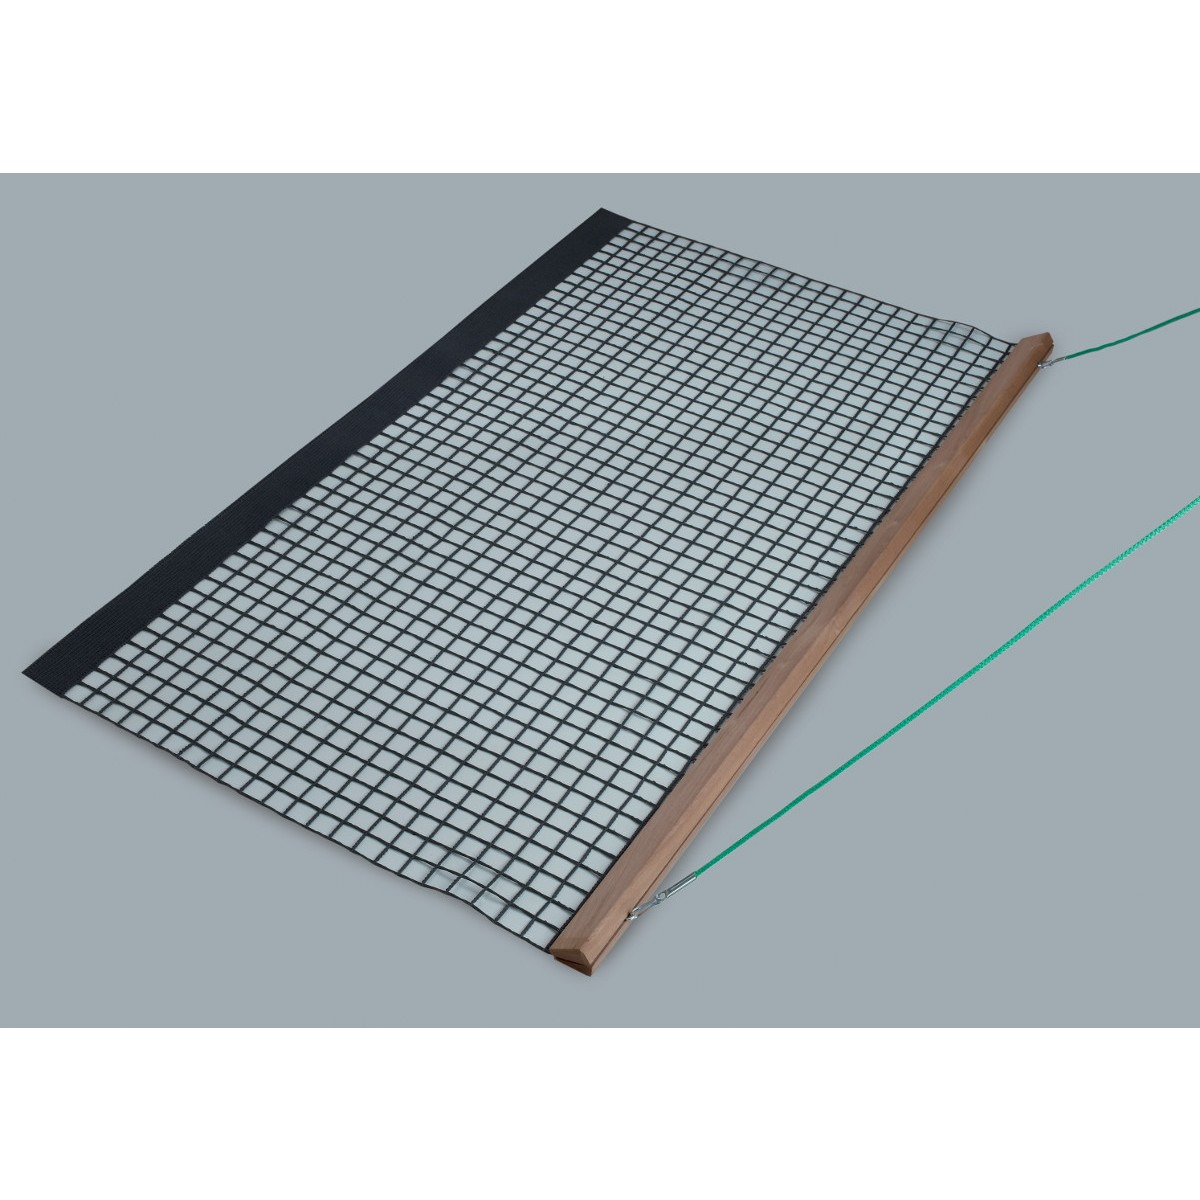 Filet de balayage simple rail en bois